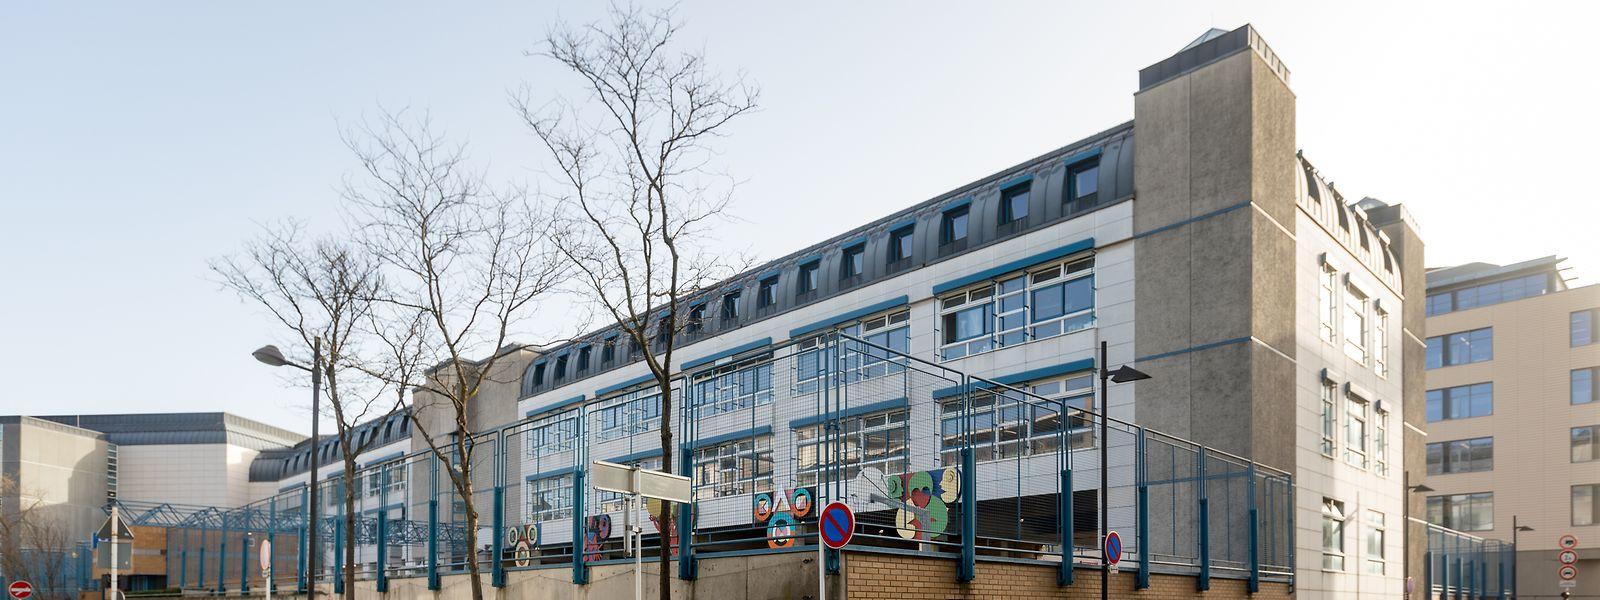 In der Opposition bemängelt man, dass die Schule in der Rue du Commerce stigmatisiert wird.